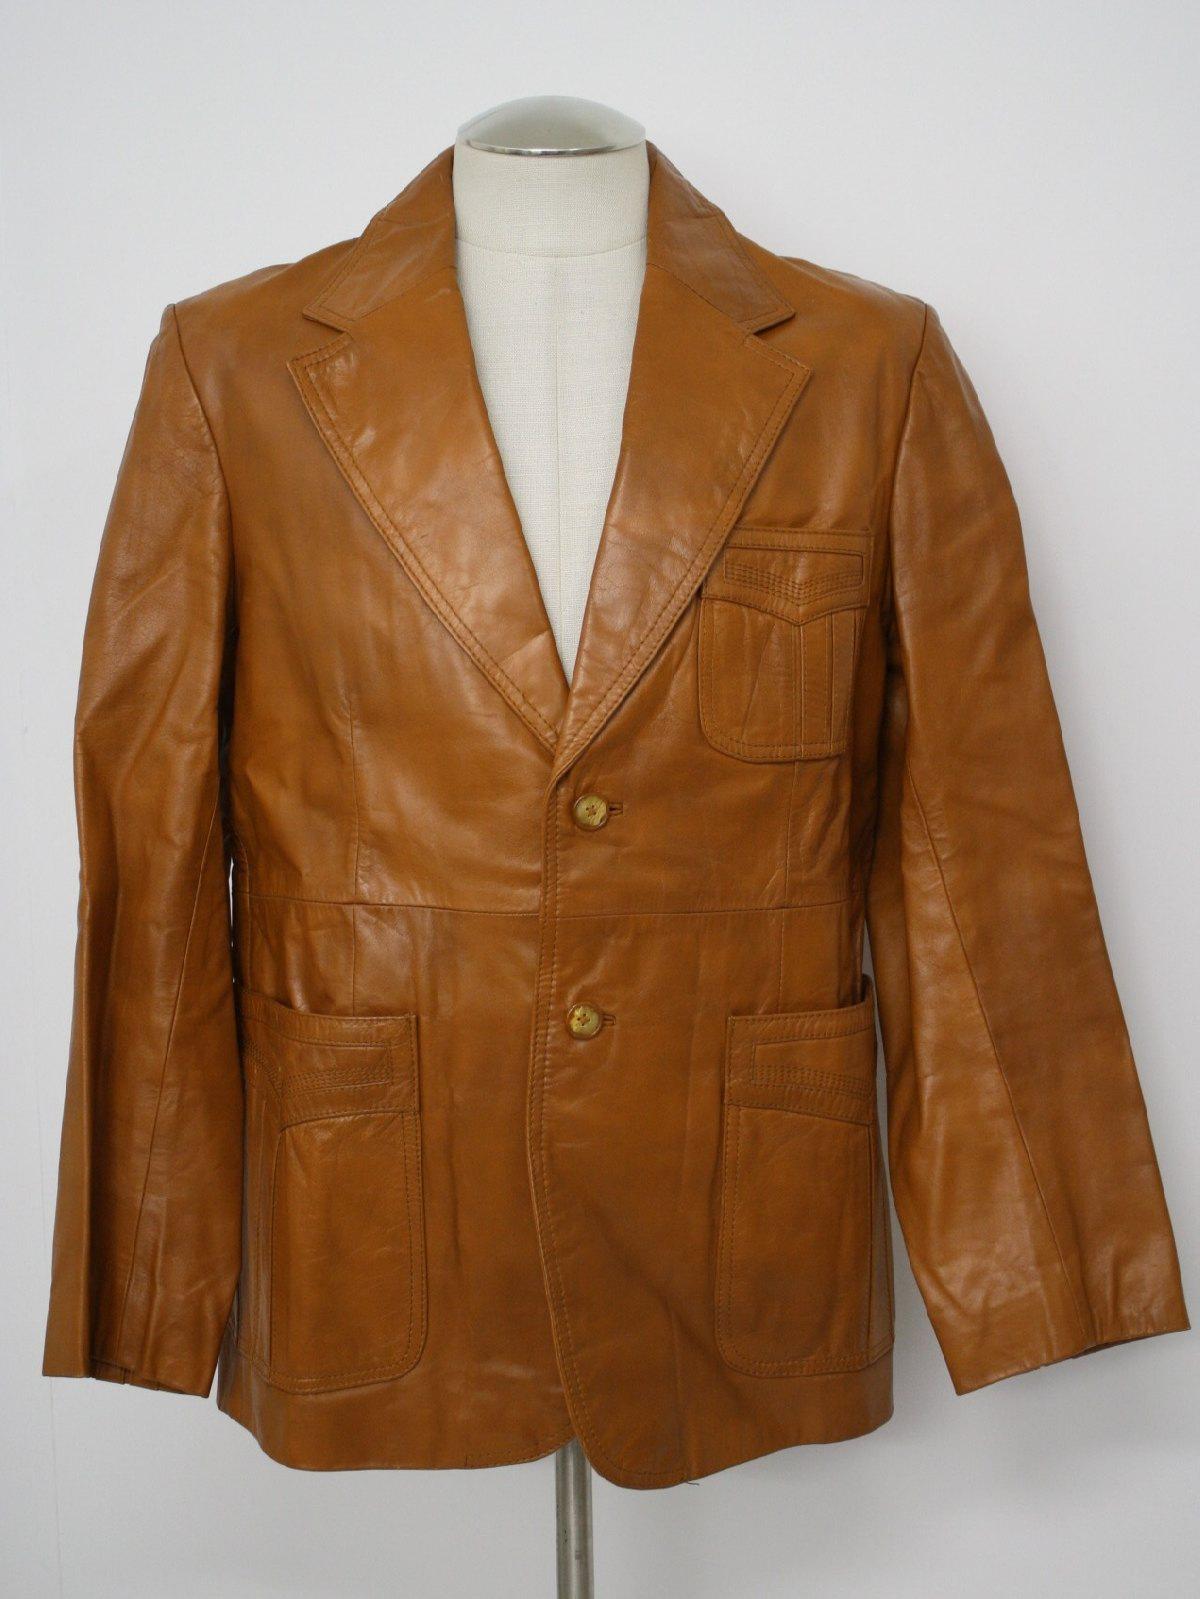 e64e2cf6c90 Retro 70s Leather Jacket (Pioneer Wear)   70s -Pioneer Wear- Mens ...